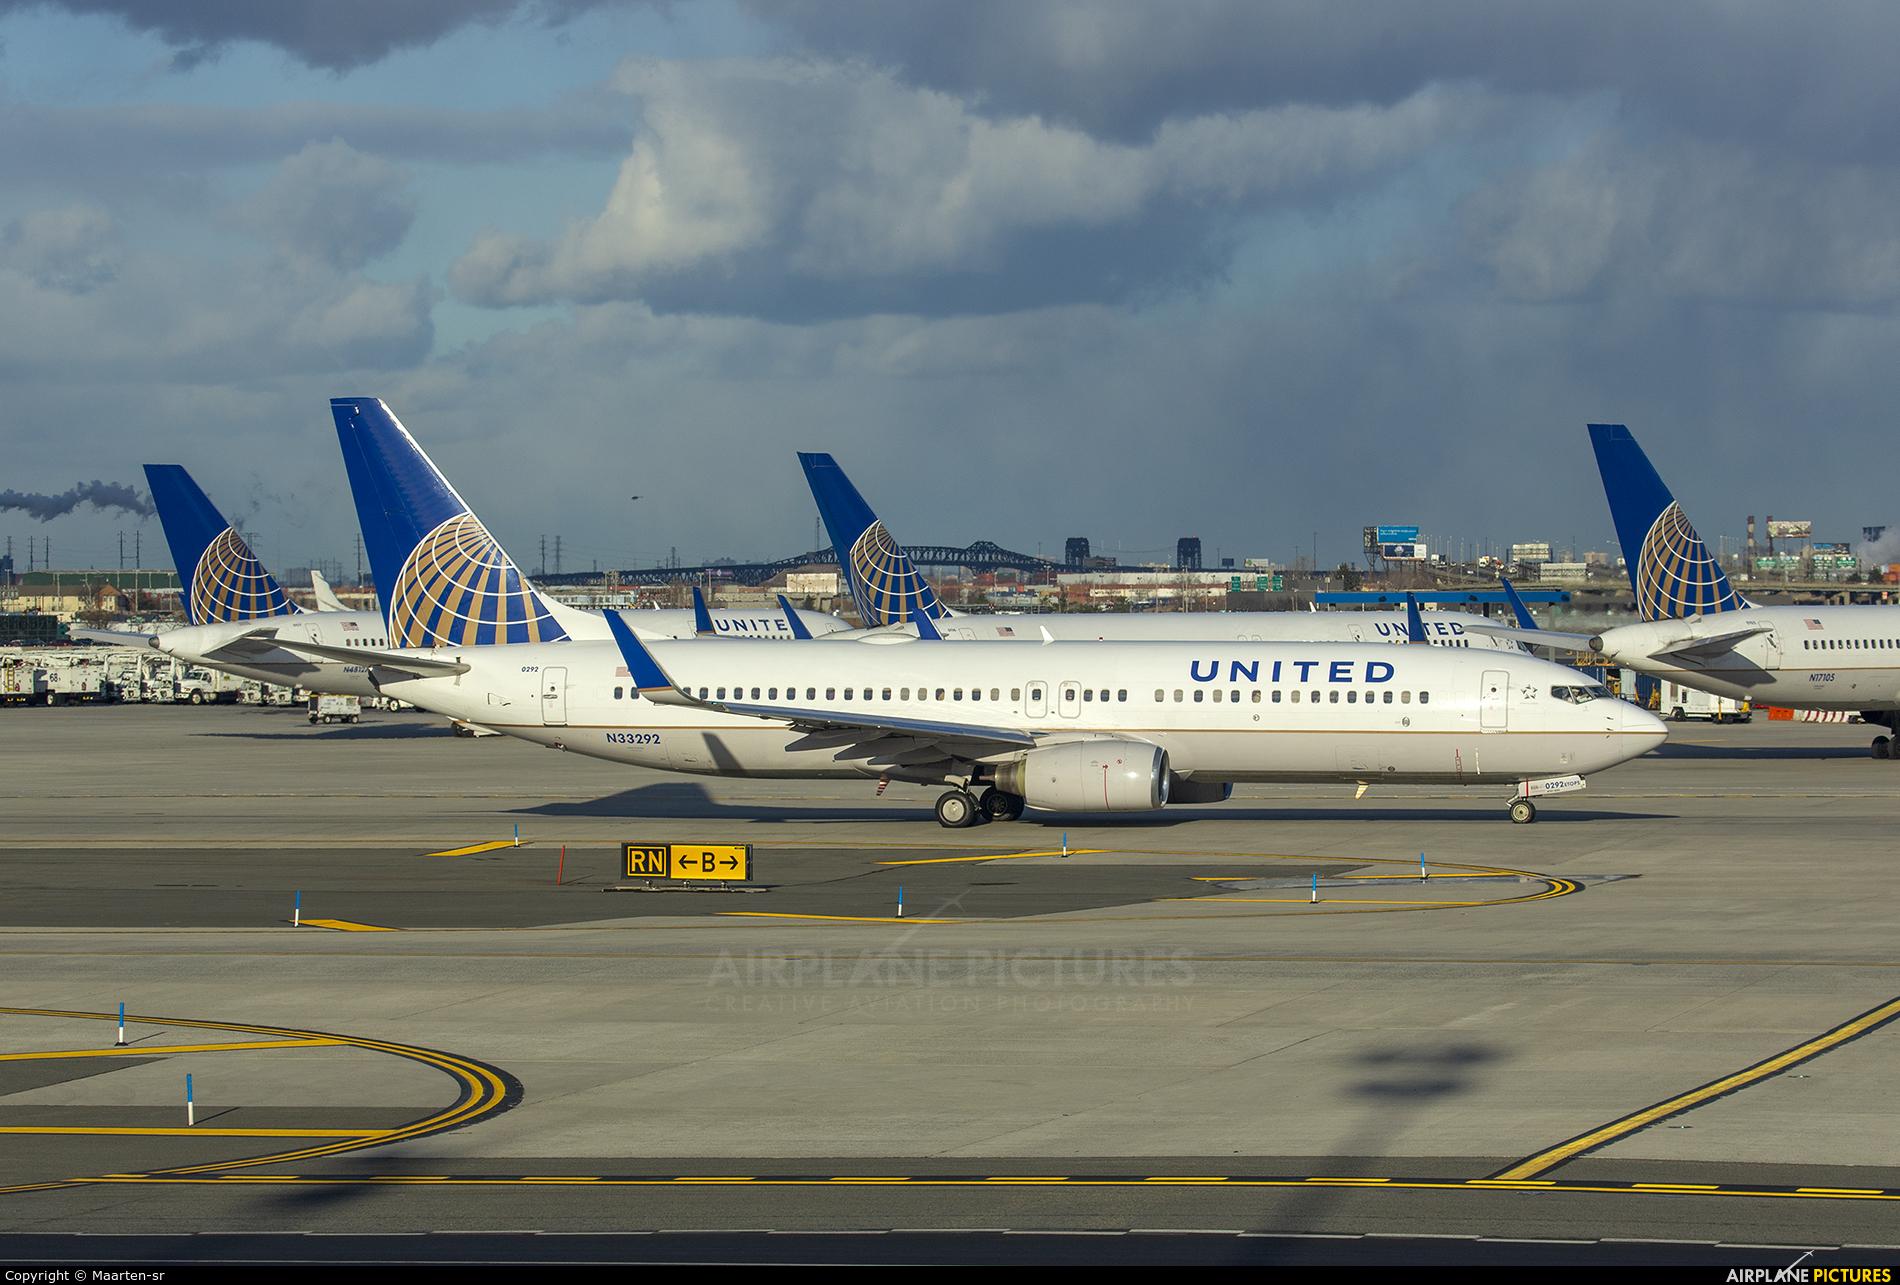 United Airlines N33292 aircraft at Newark Liberty Intl